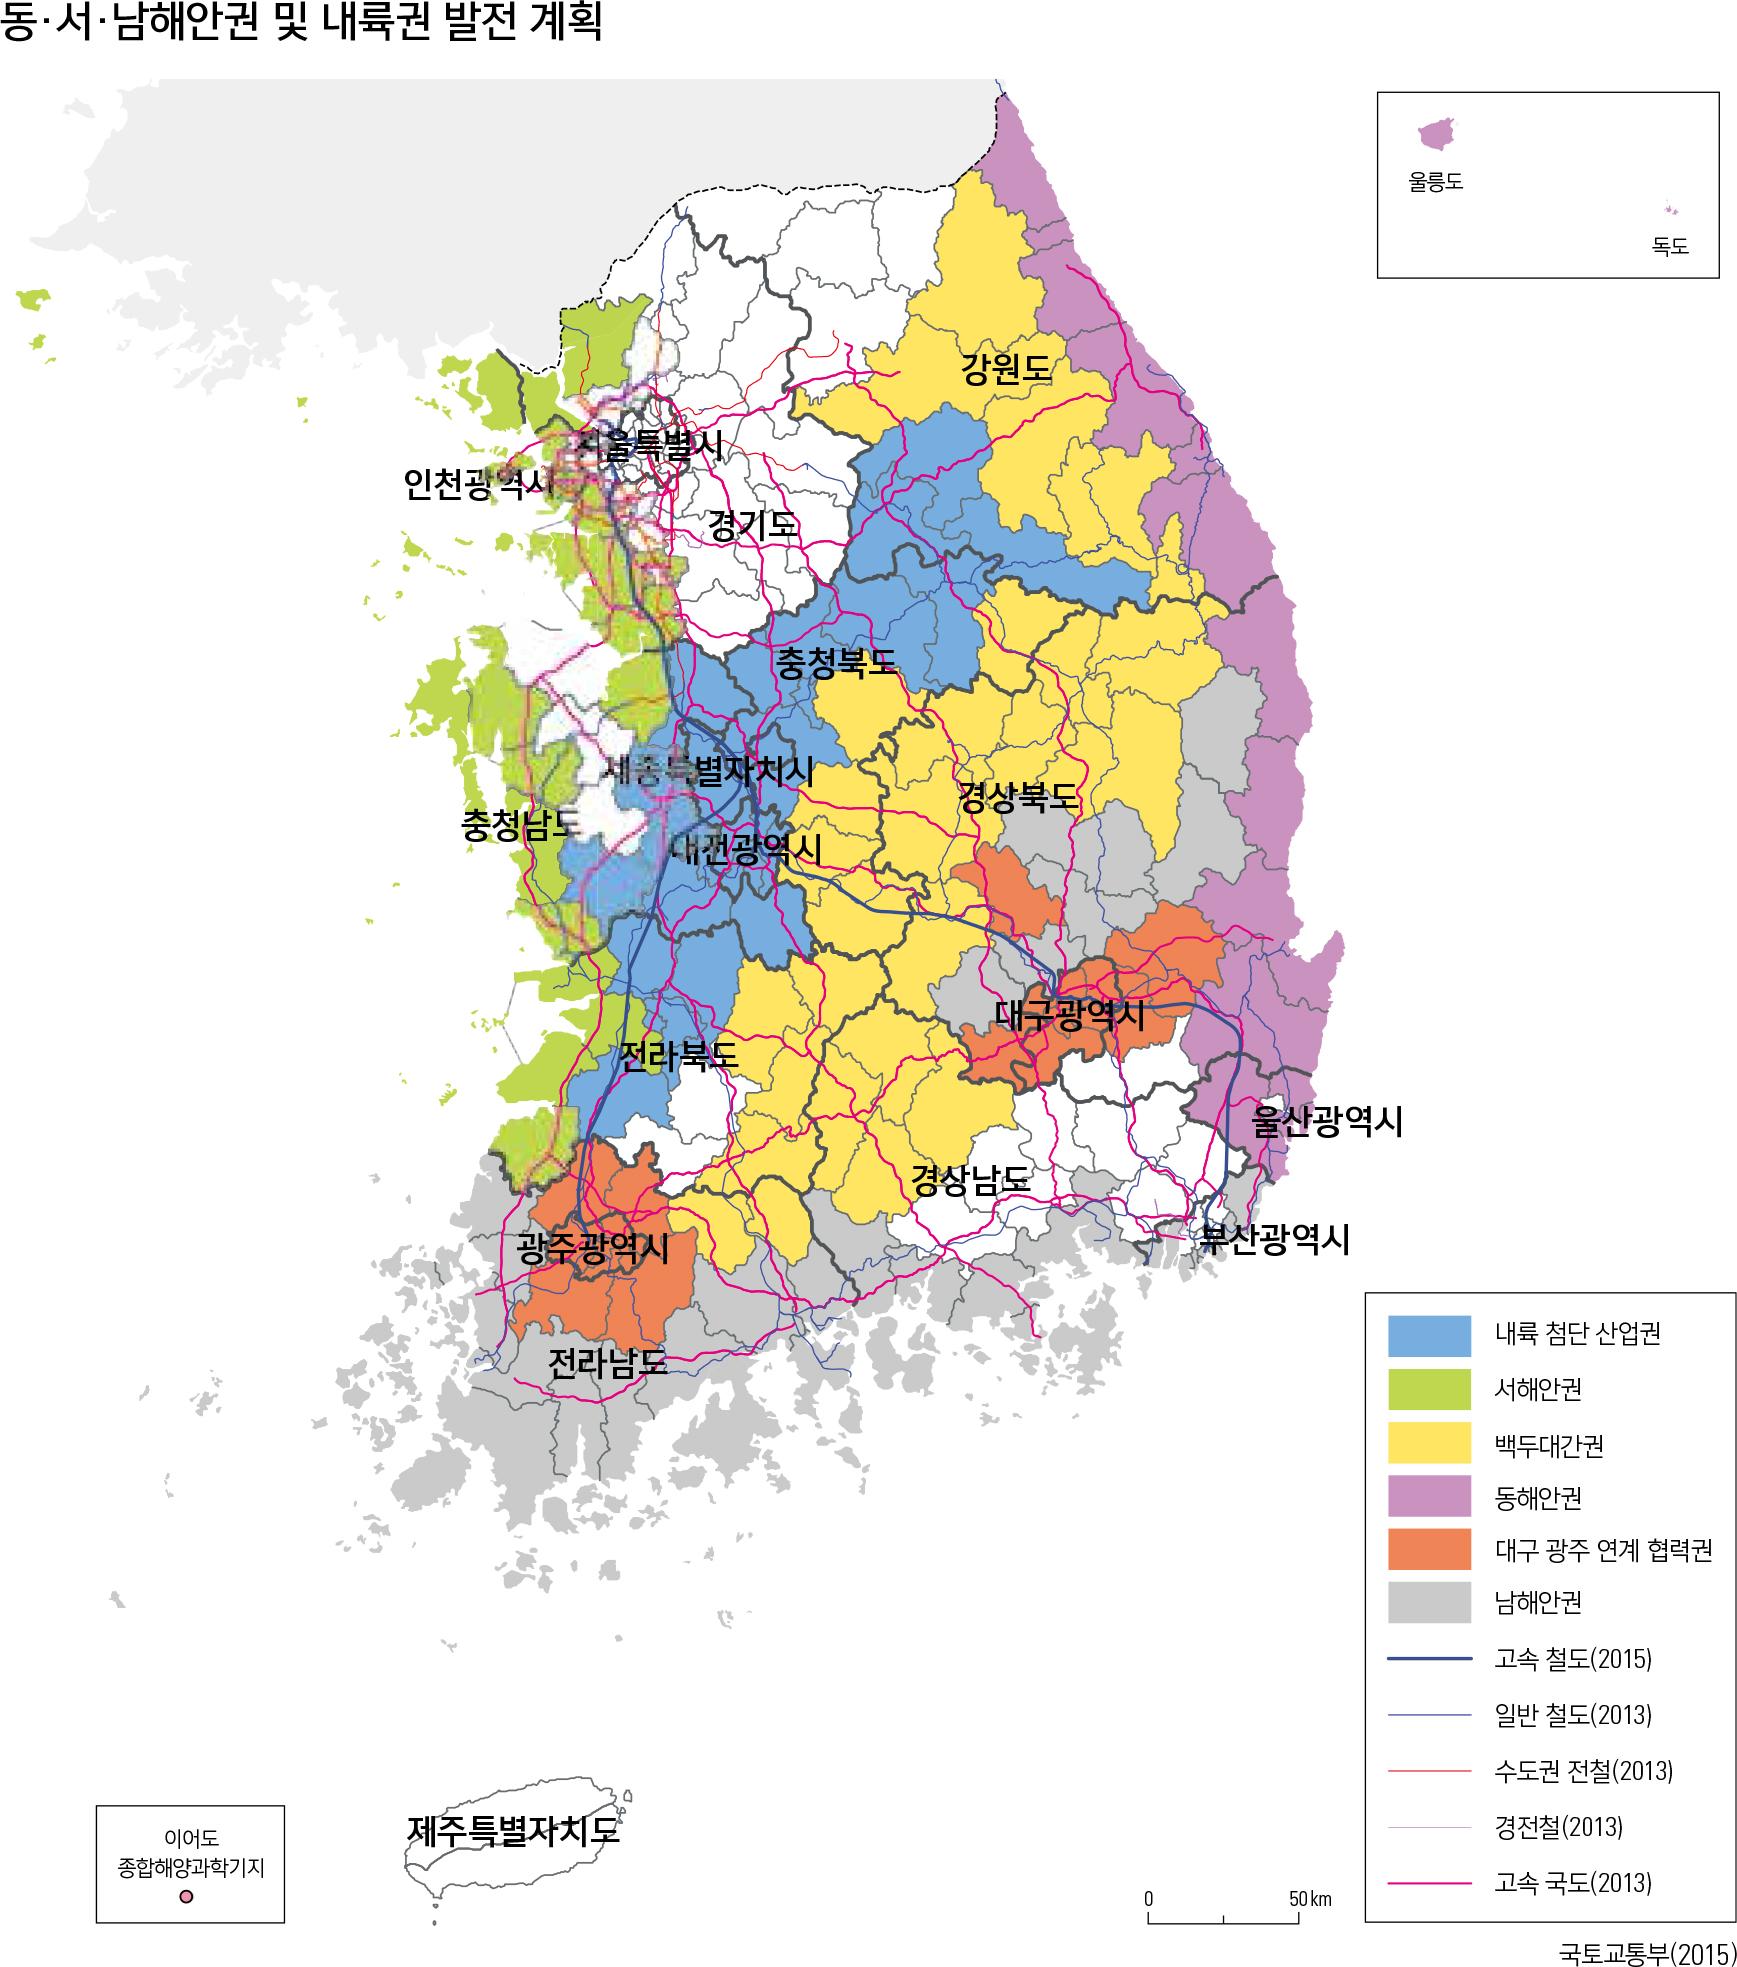 동·서·남해안권 및 내륙권 발전 계획